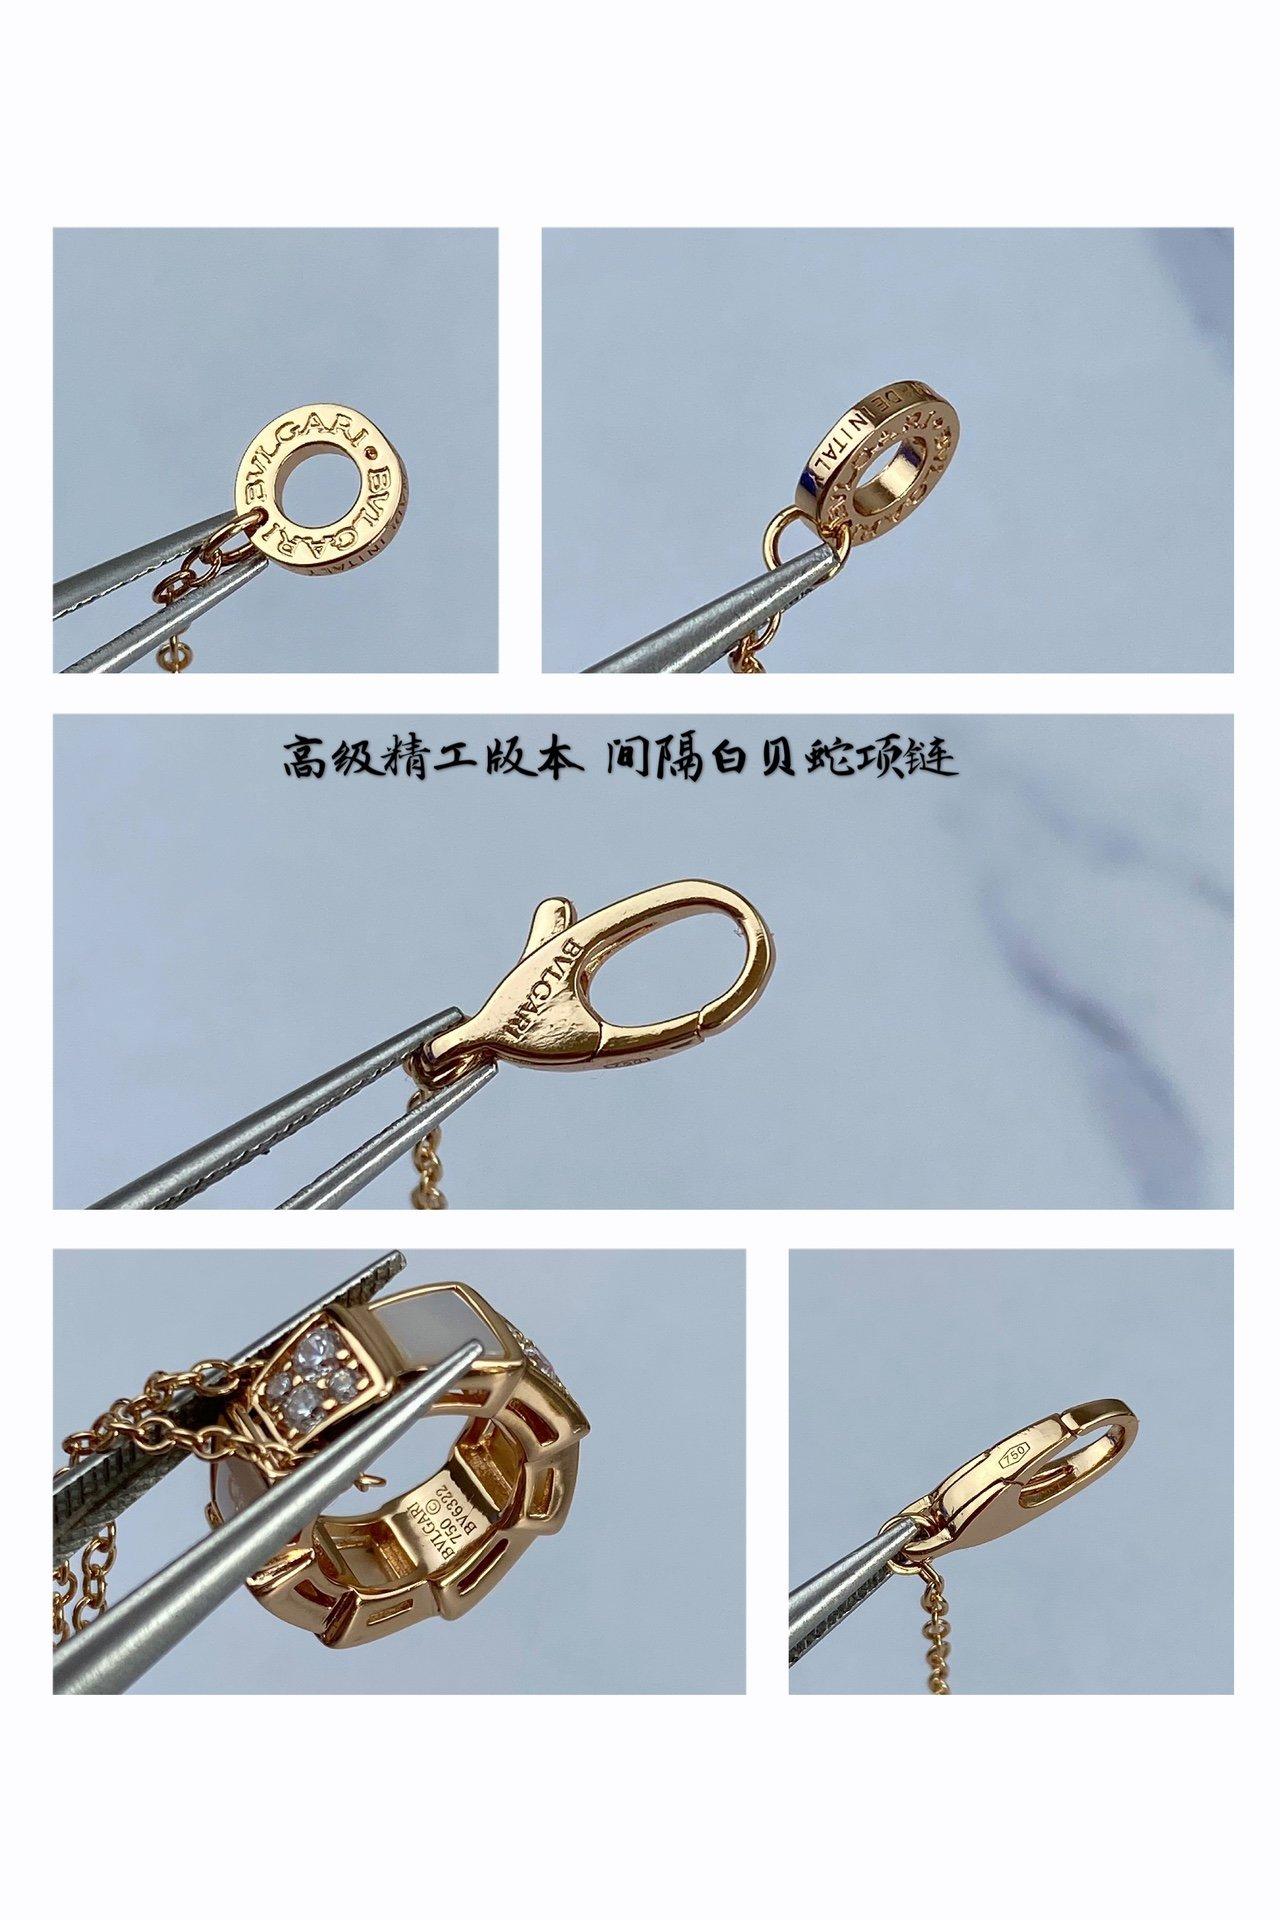 精工版天然白贝母间隔蛇项链v金材质最